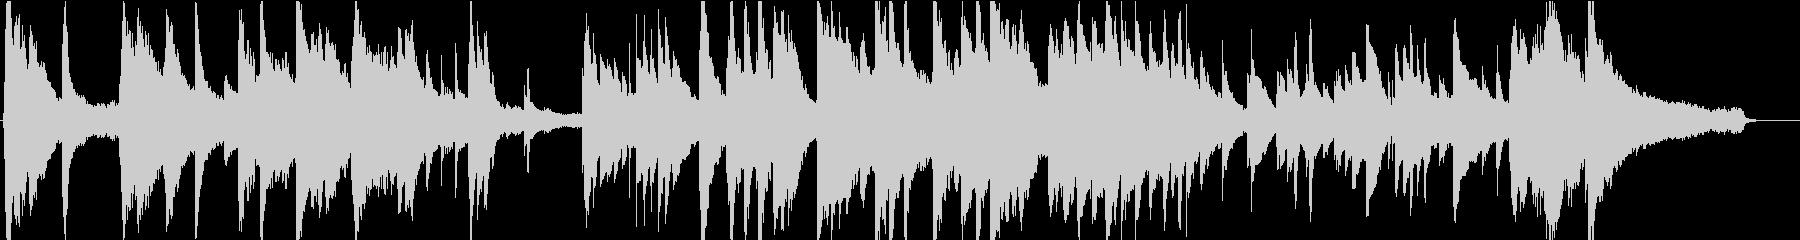 季節が変わる切なさを表現したピアノソロの未再生の波形